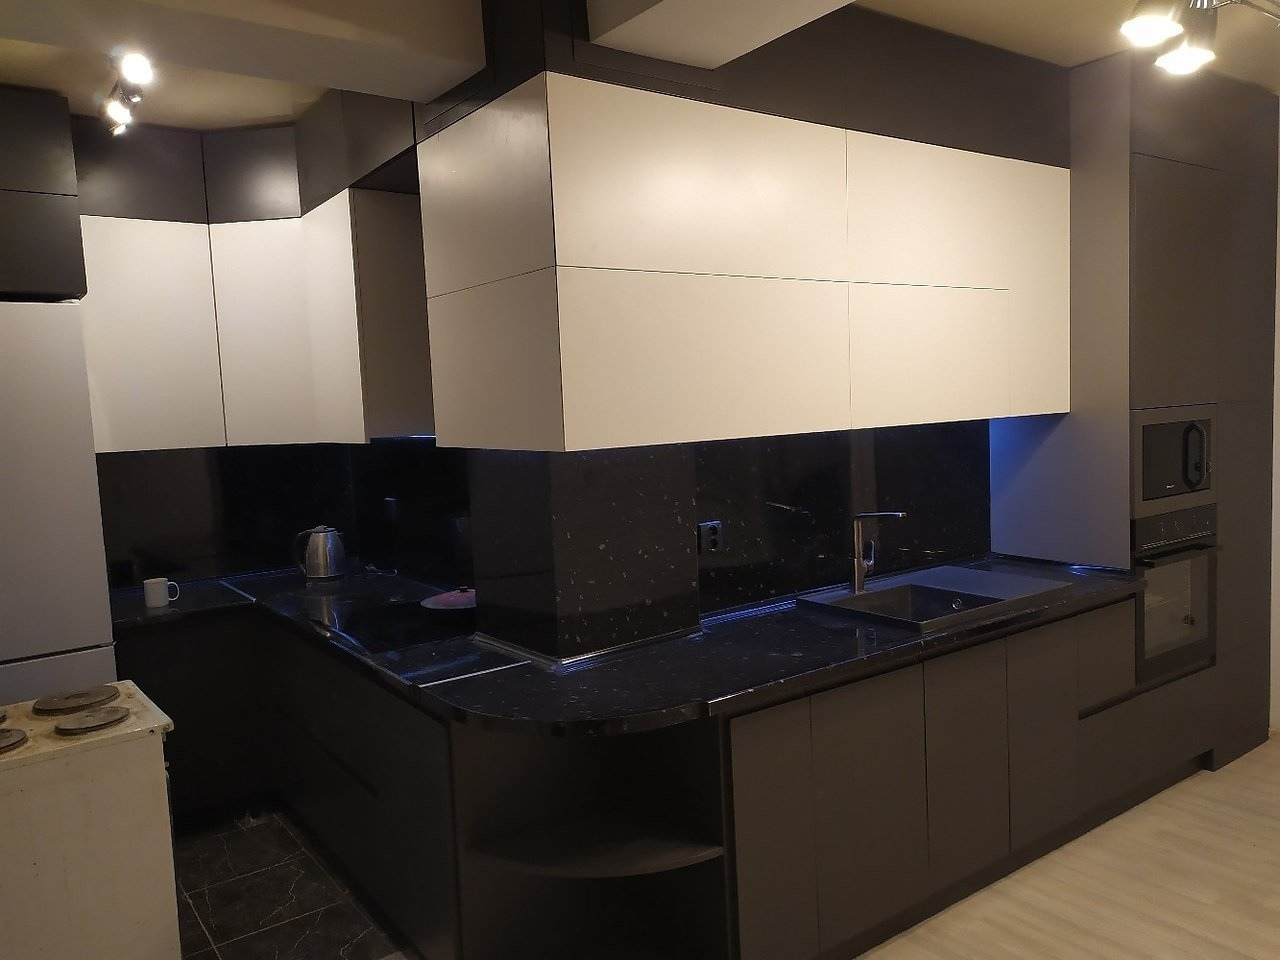 Делюсь фото нашей нестандартной кухни. Как оцените такую?